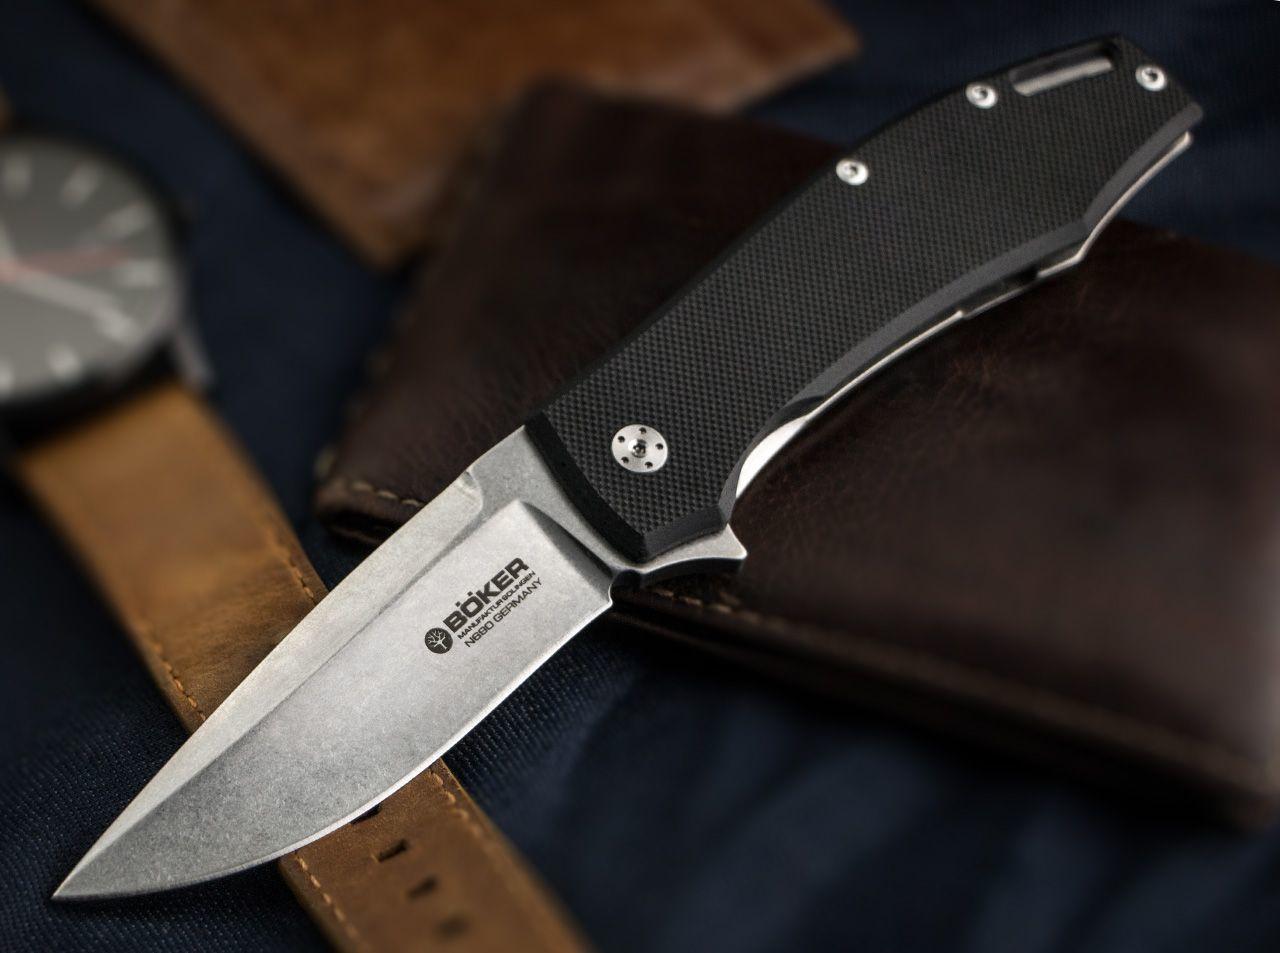 Фото 9 - Нож складной KMP22 - Boker 110658, сталь Bhler N690 Stonewashed Plain, рукоять стеклотекстолит G10/нержавеющая сталь, черный